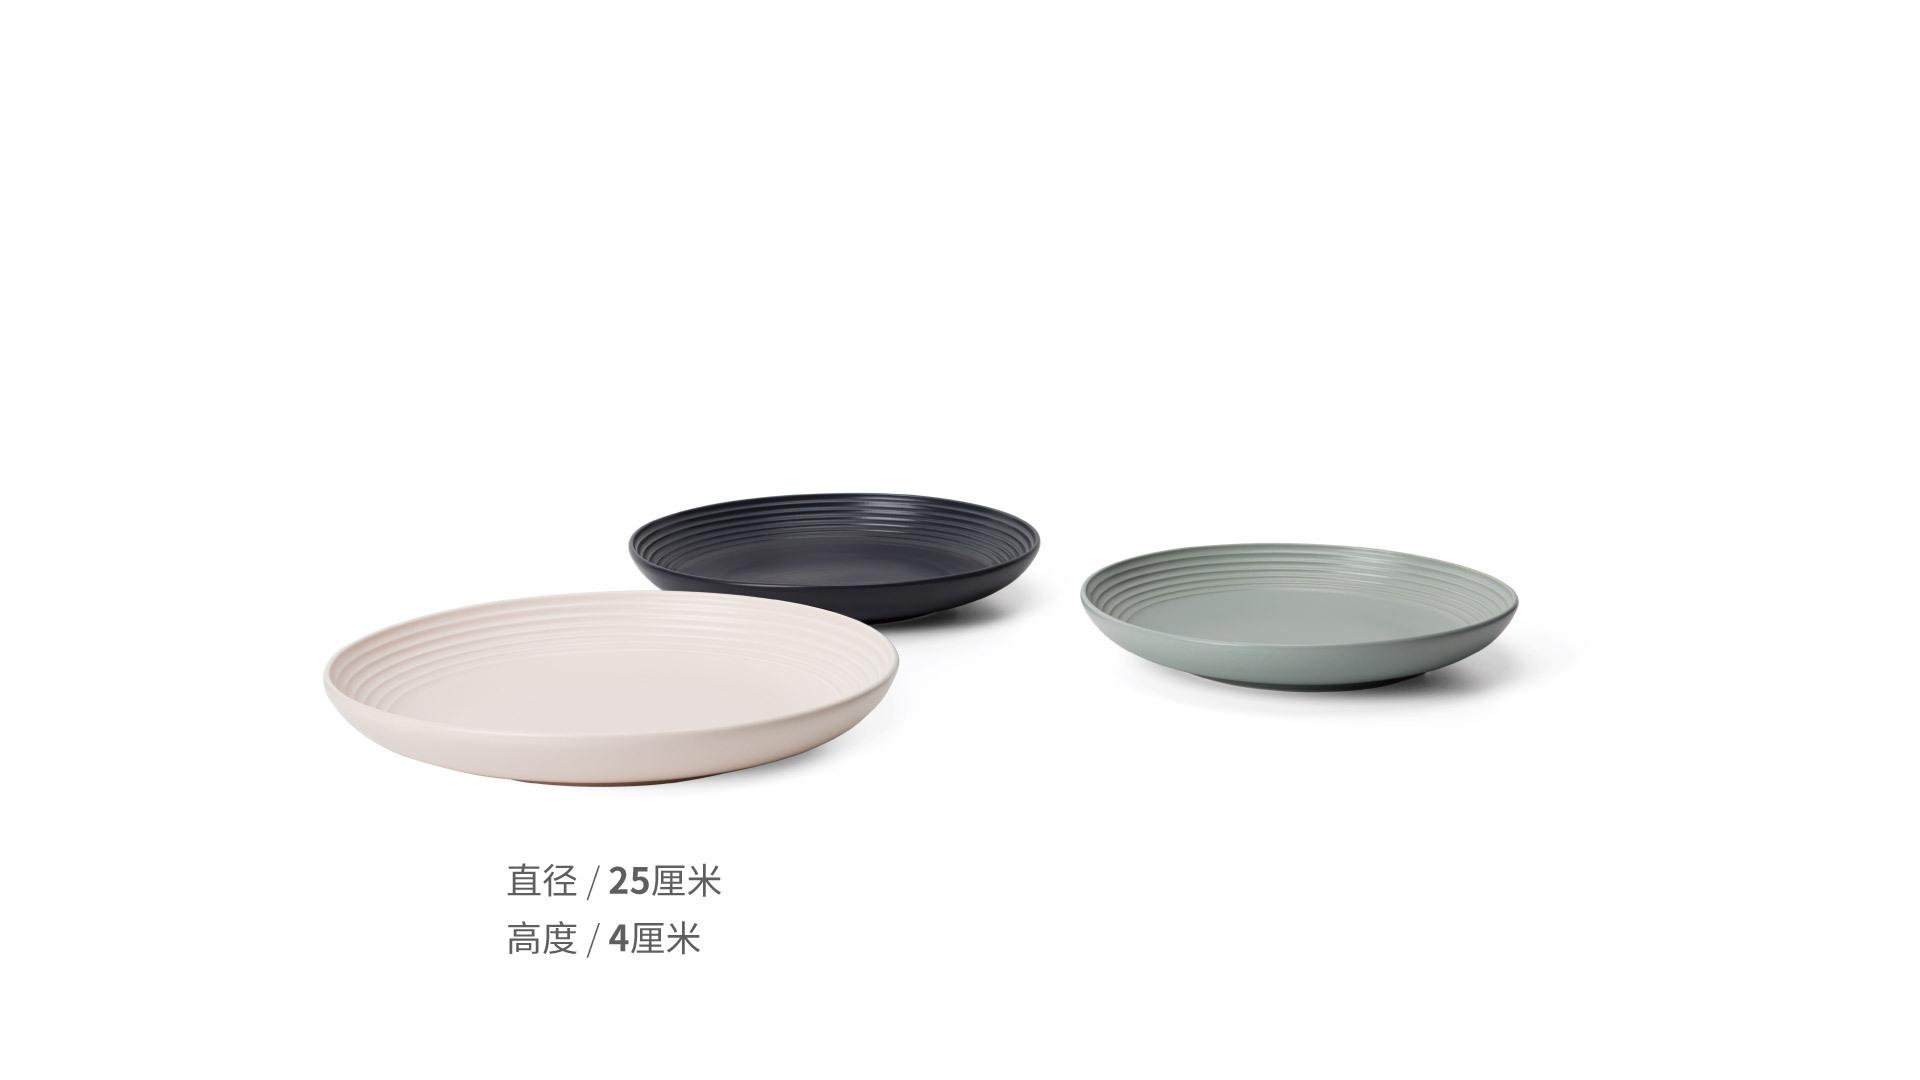 折简餐具组-盘碗10寸圆盘套装餐具效果图